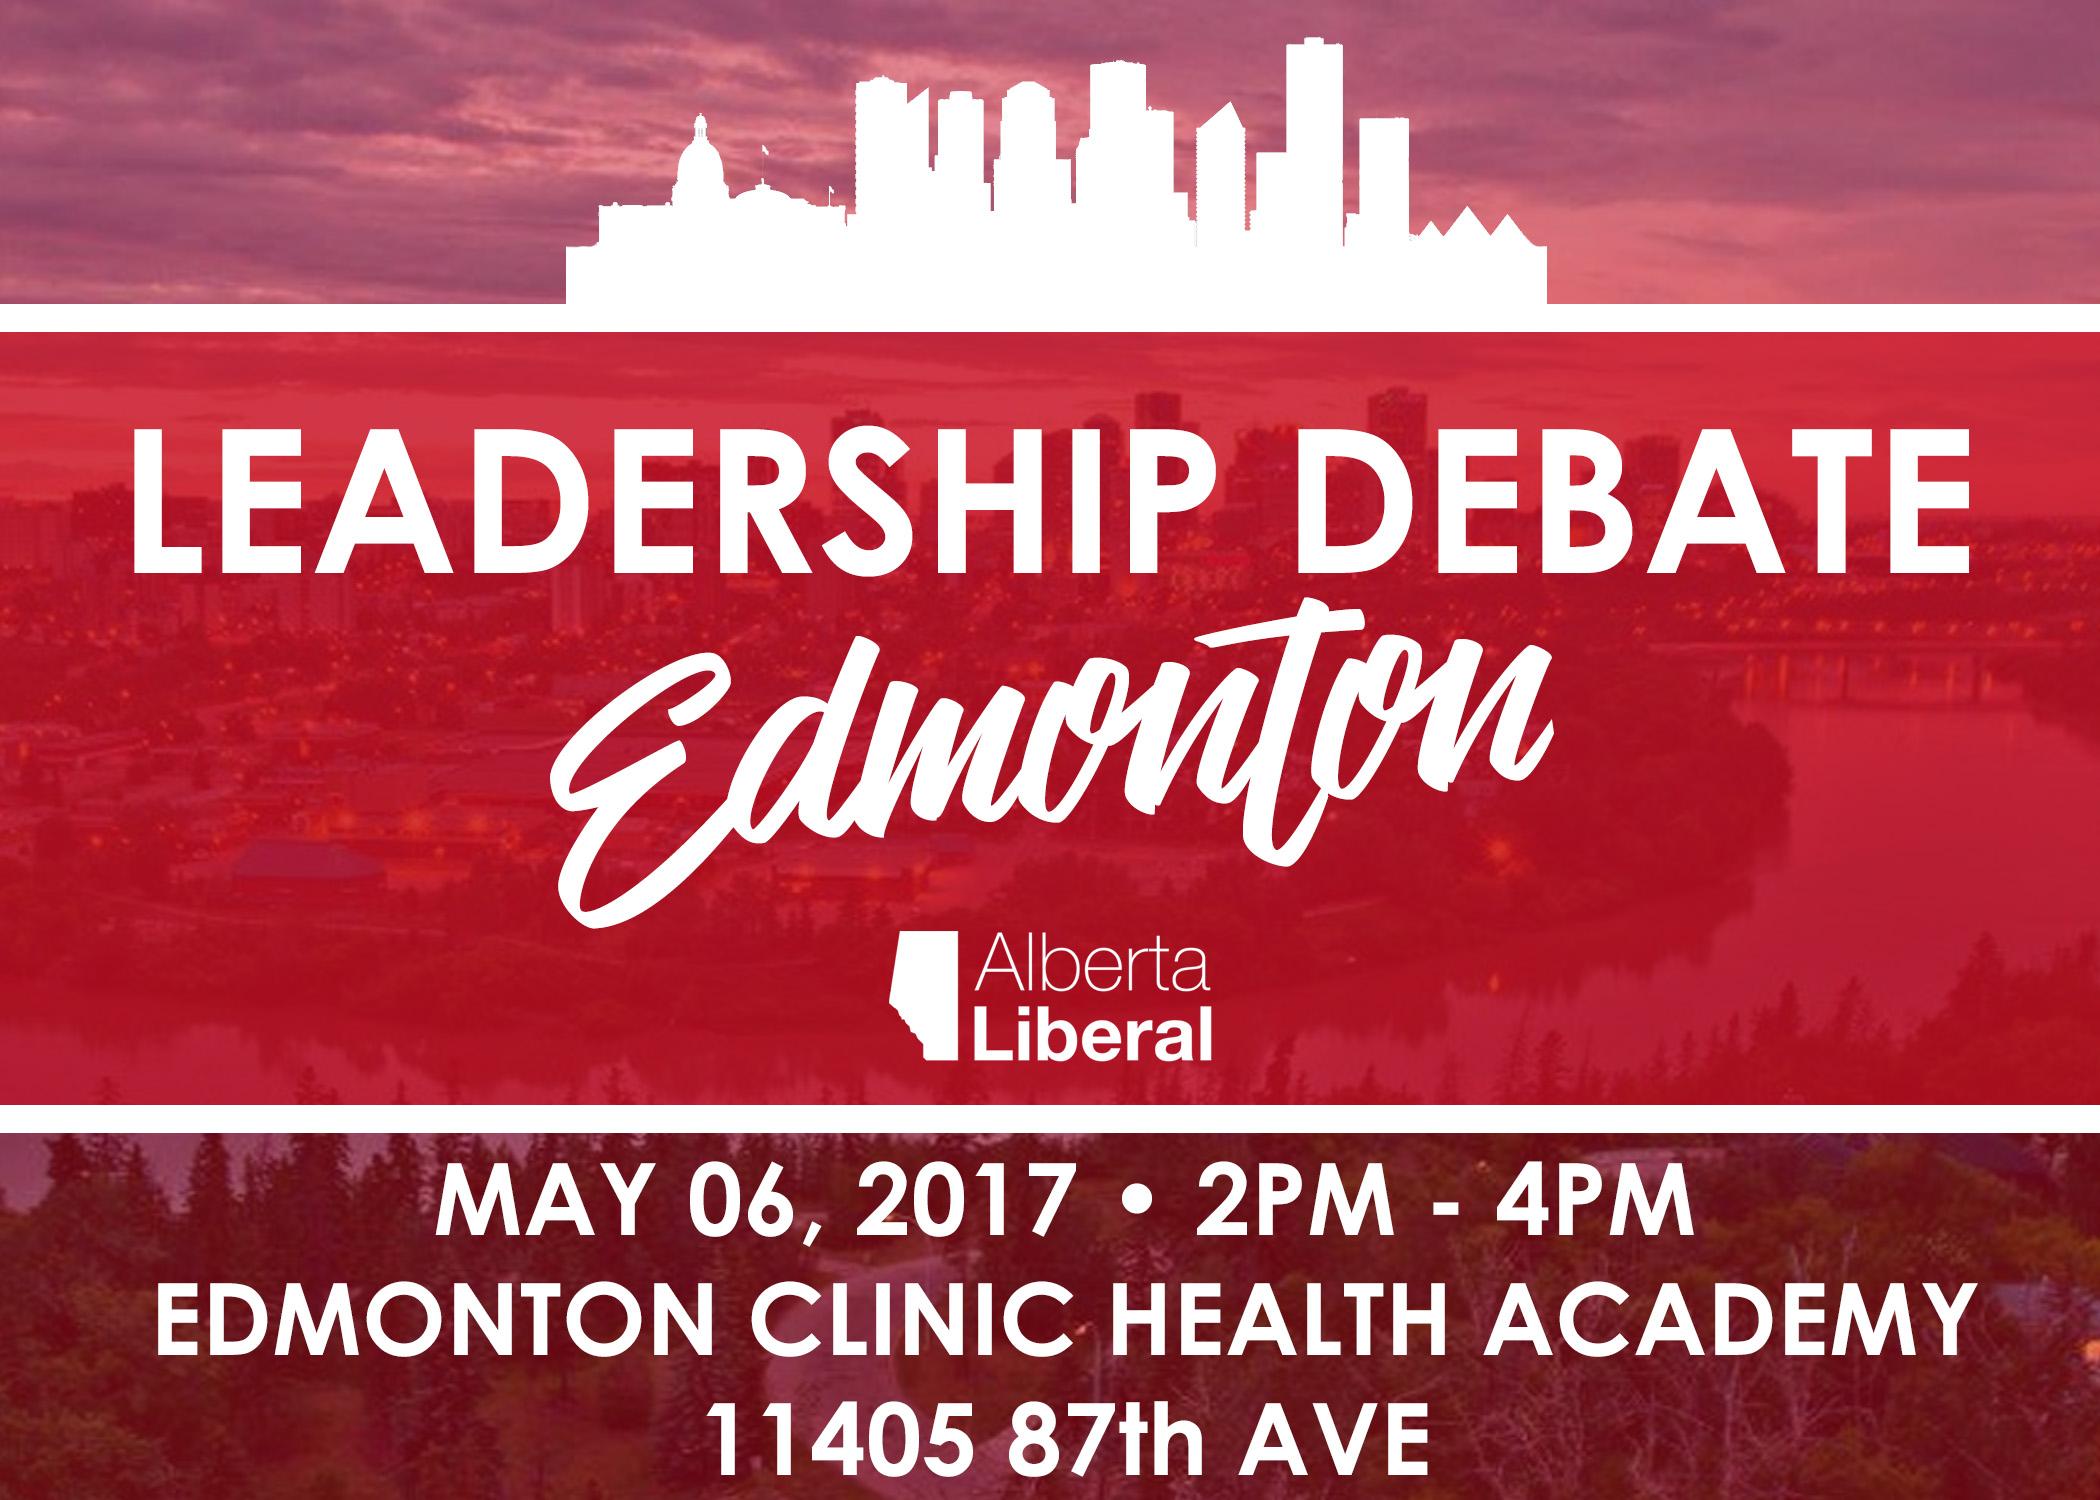 Edmonton_Debate.jpg